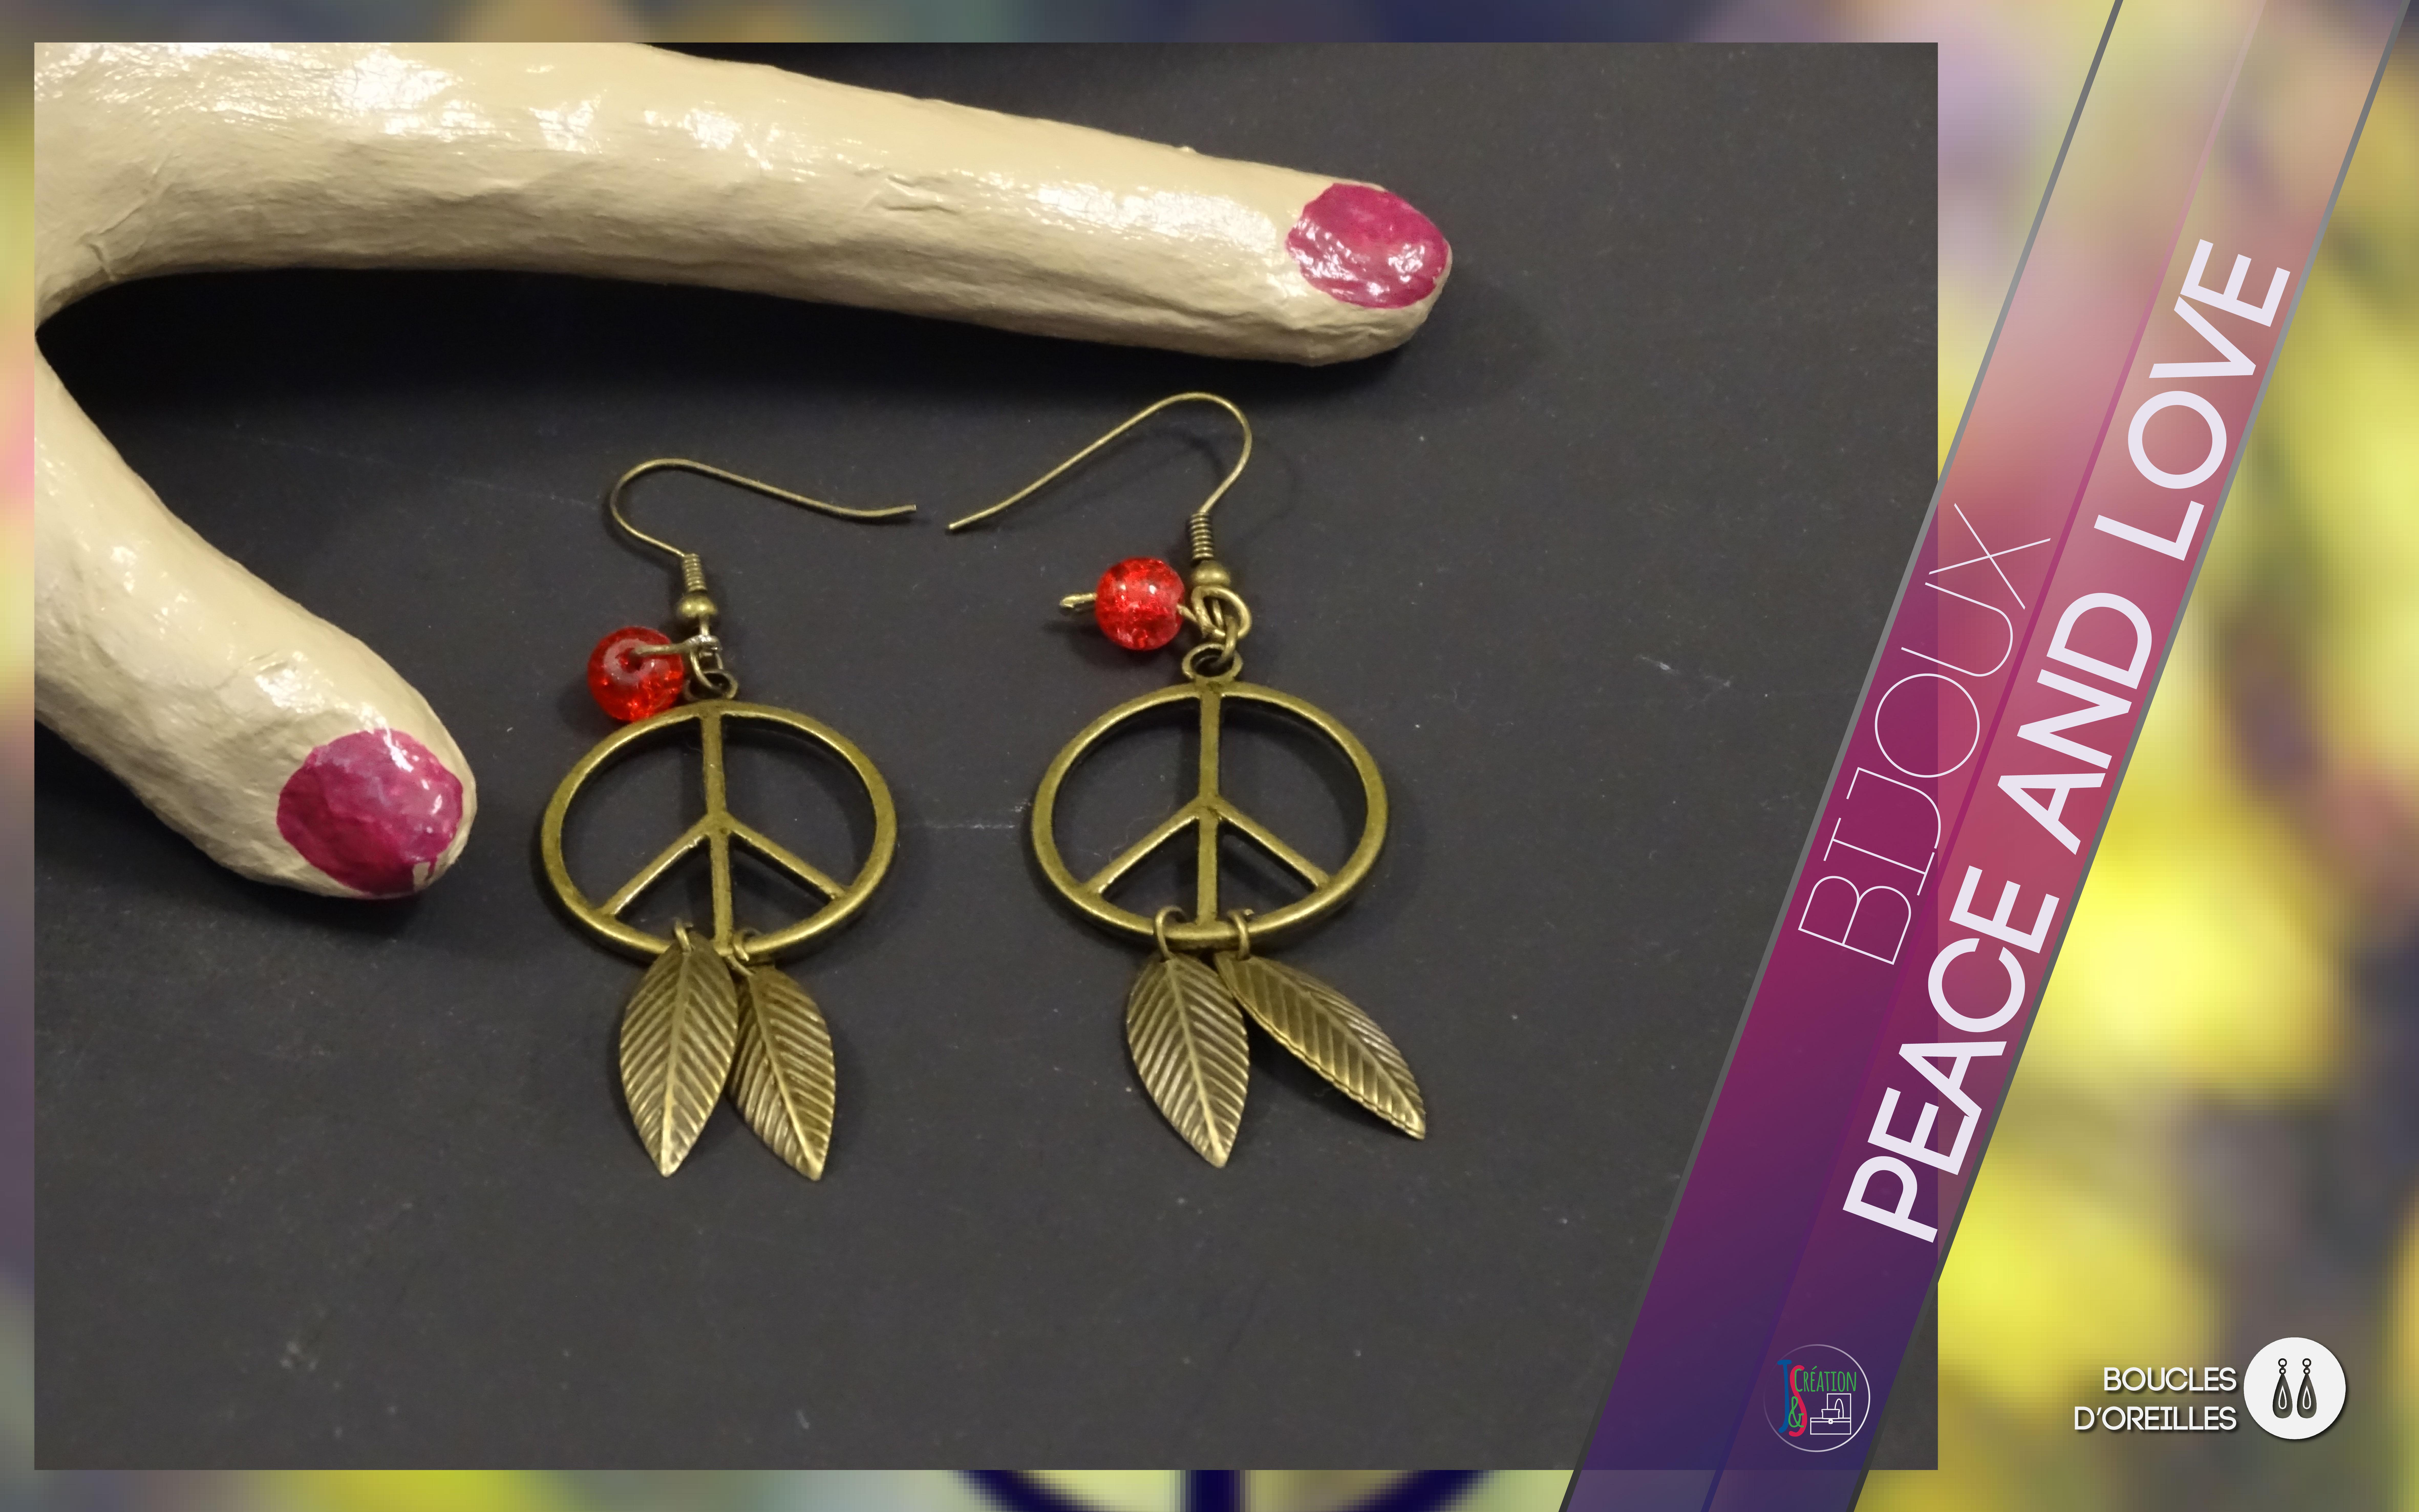 Peace and Love Boucles d'oreilles Boucles d'oreilles en forme du symbole Peace and Love ornée de plumes en breloque et de perles.